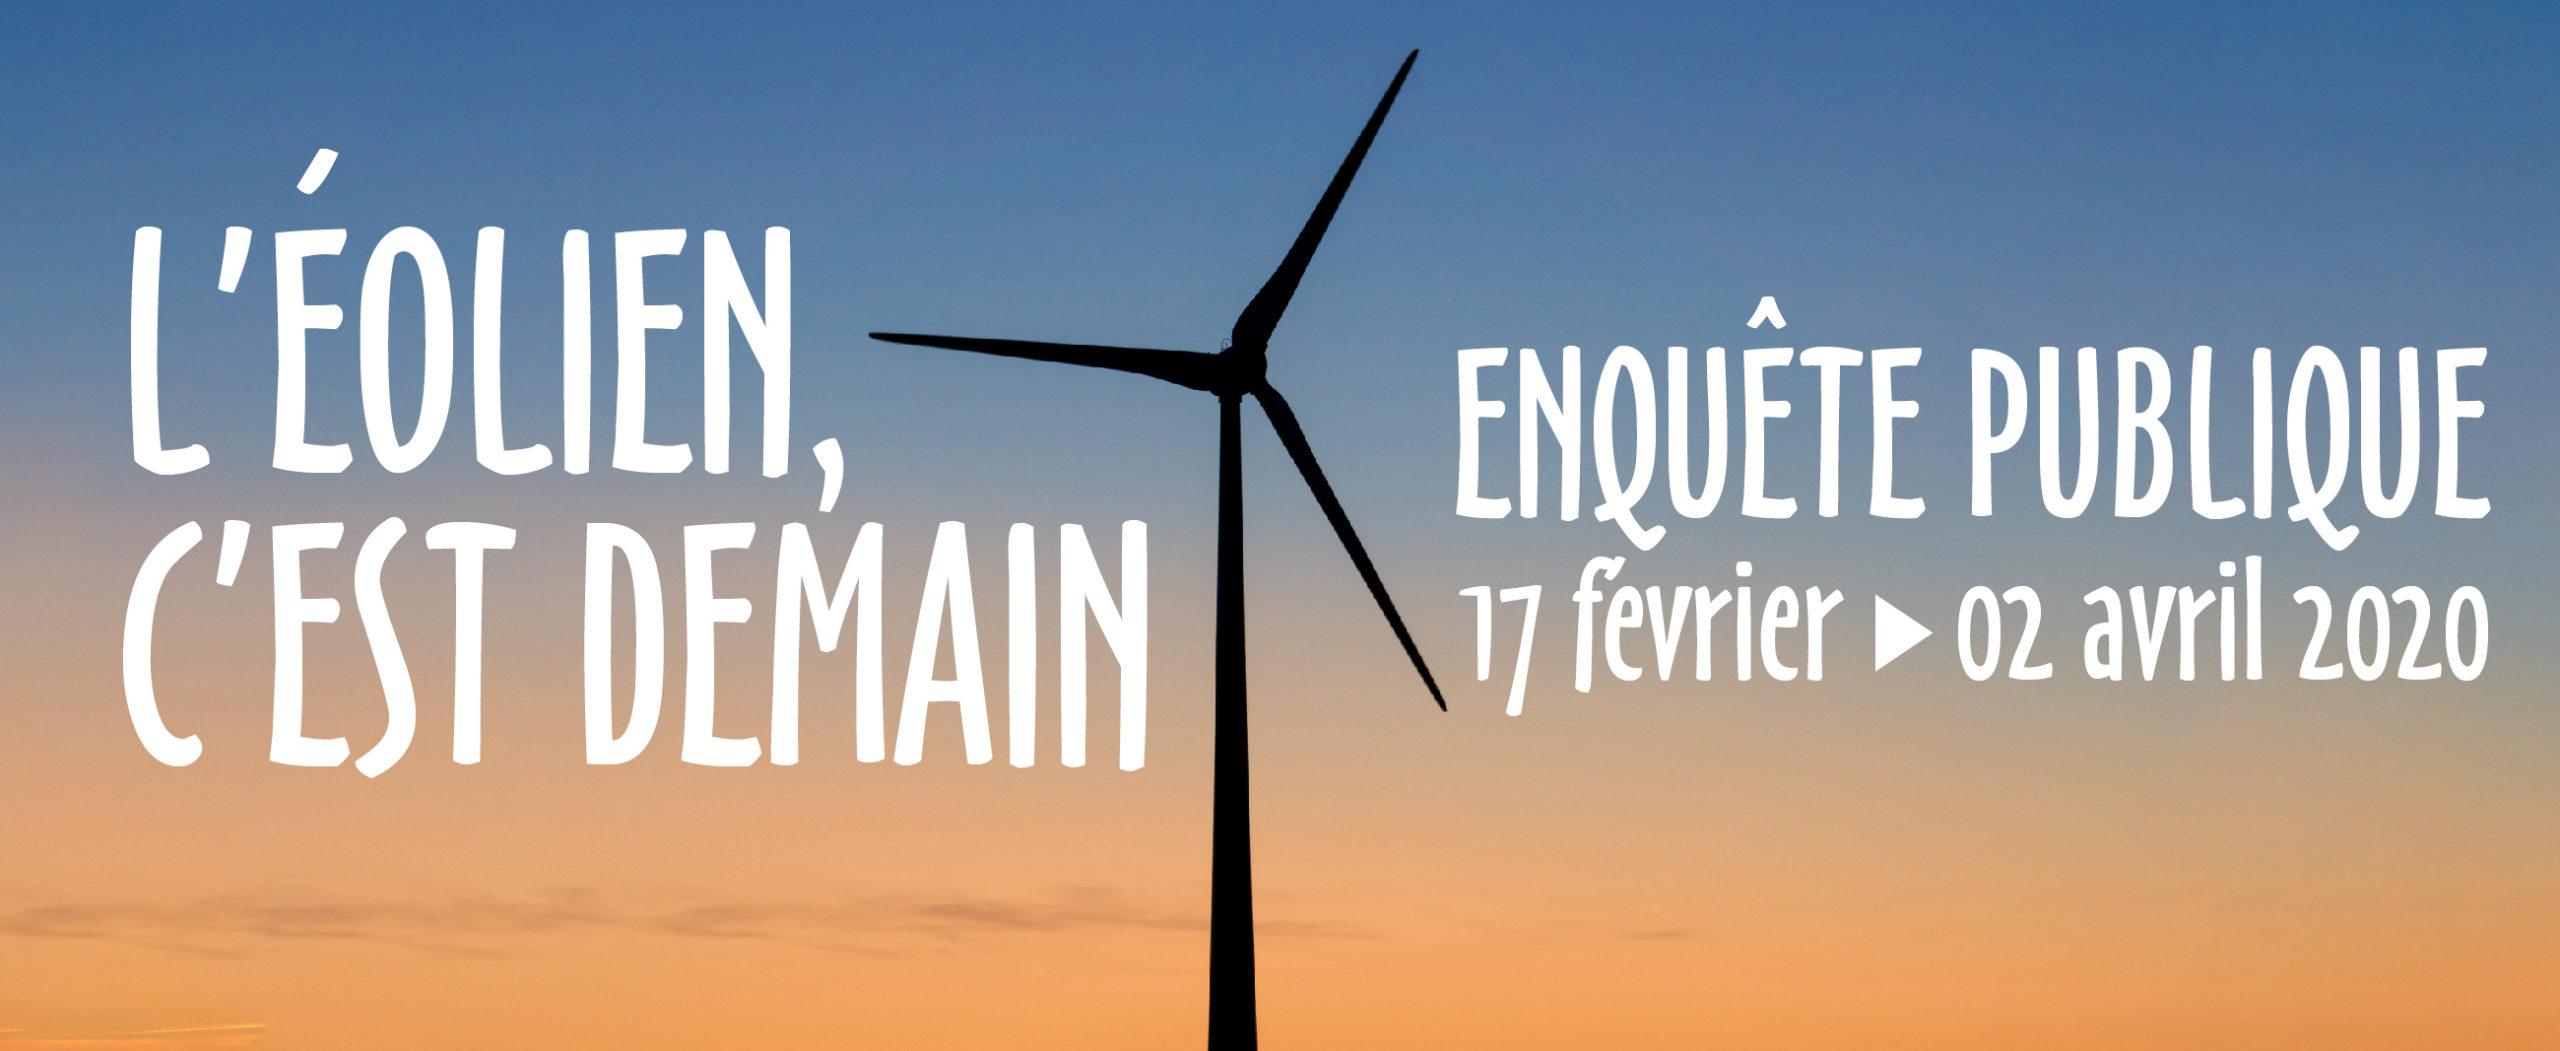 Enquête publique : Exploitation et Acoustique des éoliennes